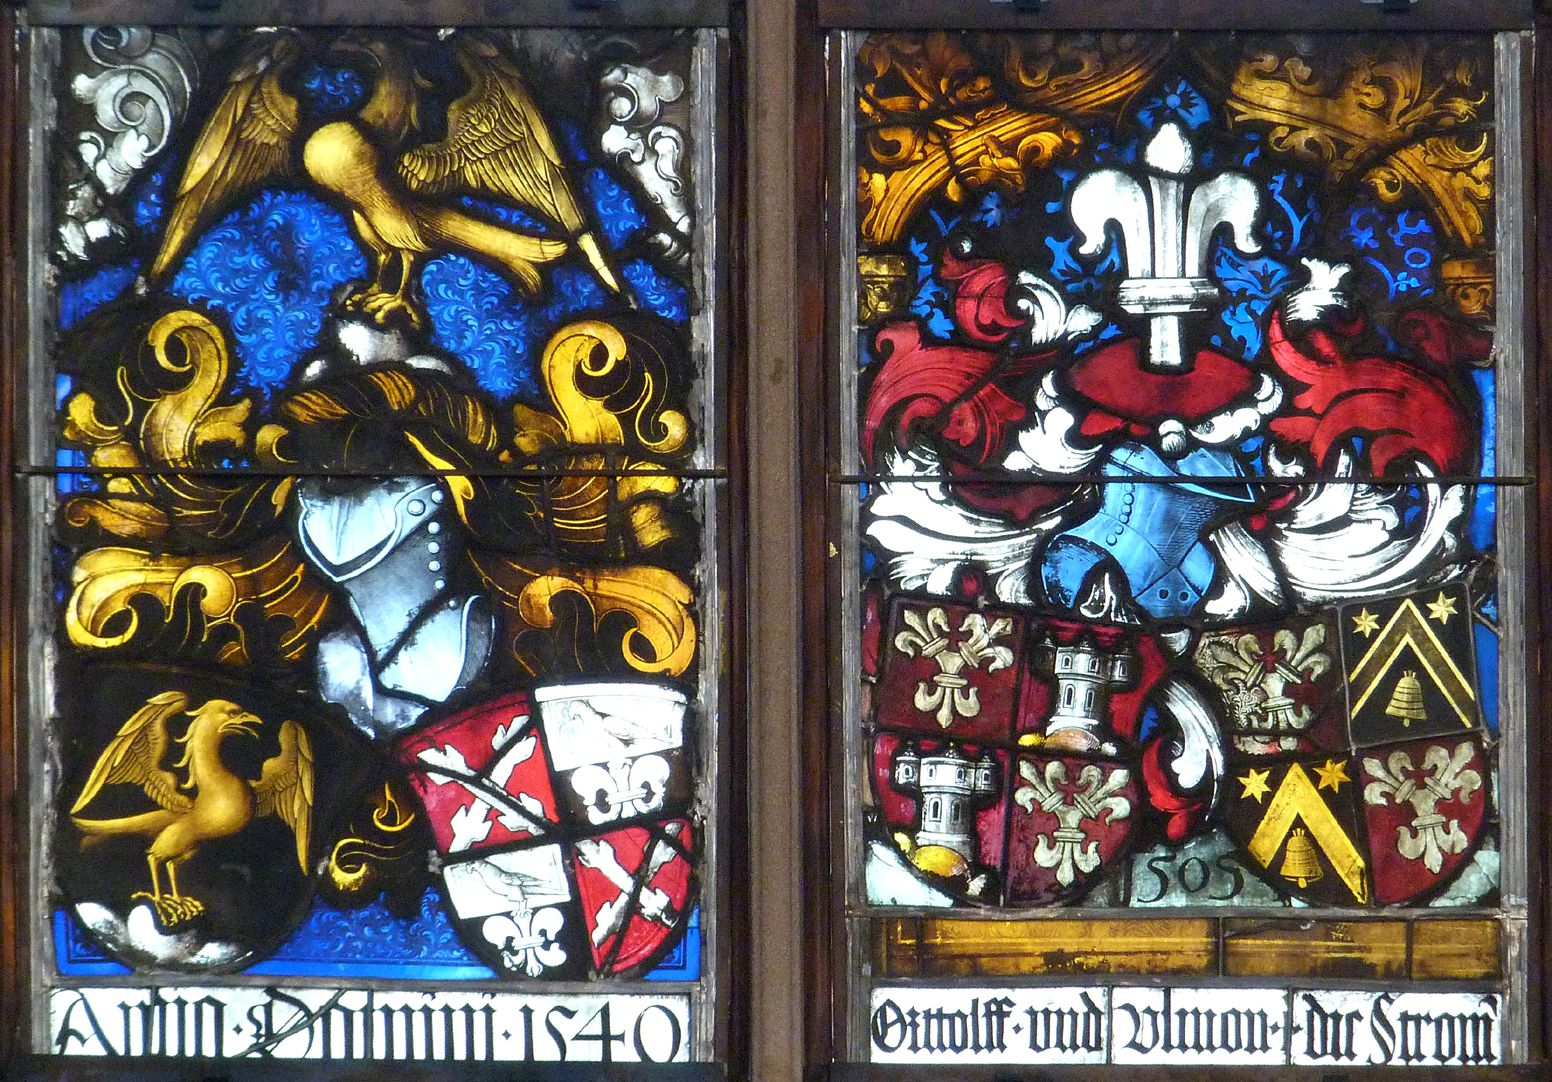 Hirschvogelfenster Mittelfeld: oberstes Band, Allianzwappen 1540 (links), Allianzwappen Stromer 1505 (rechts)